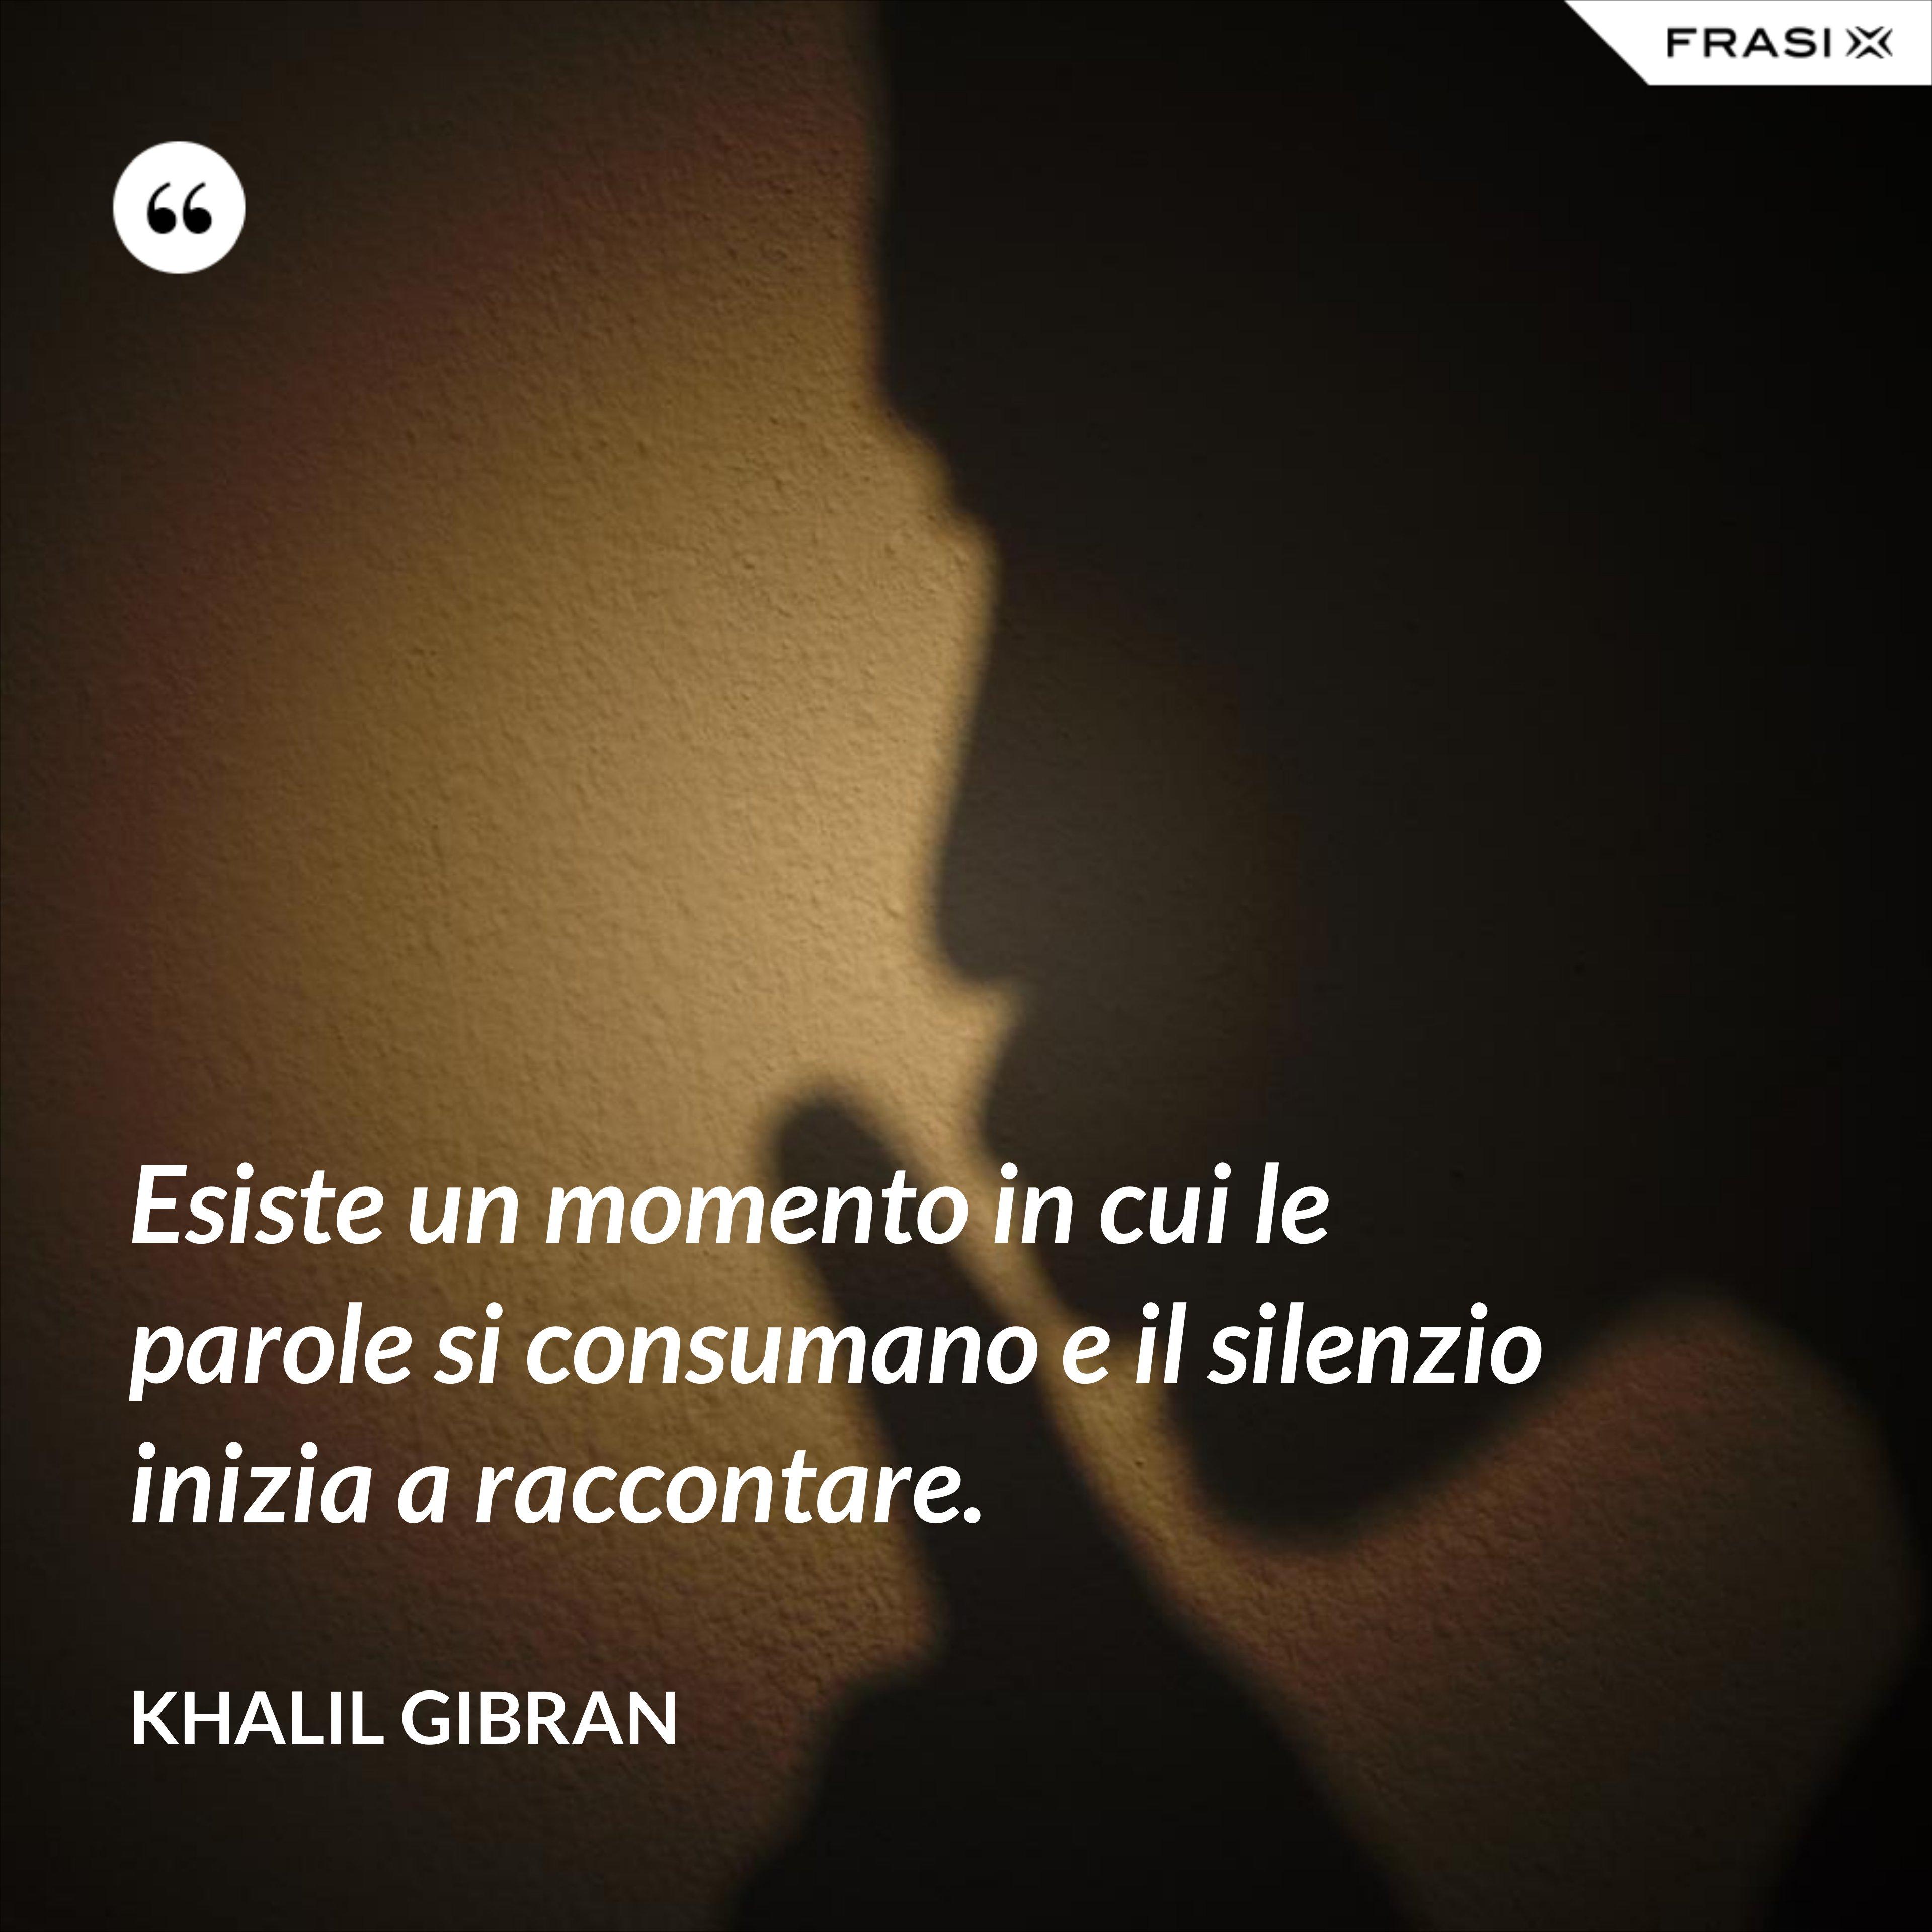 Esiste un momento in cui le parole si consumano e il silenzio inizia a raccontare. - Khalil Gibran